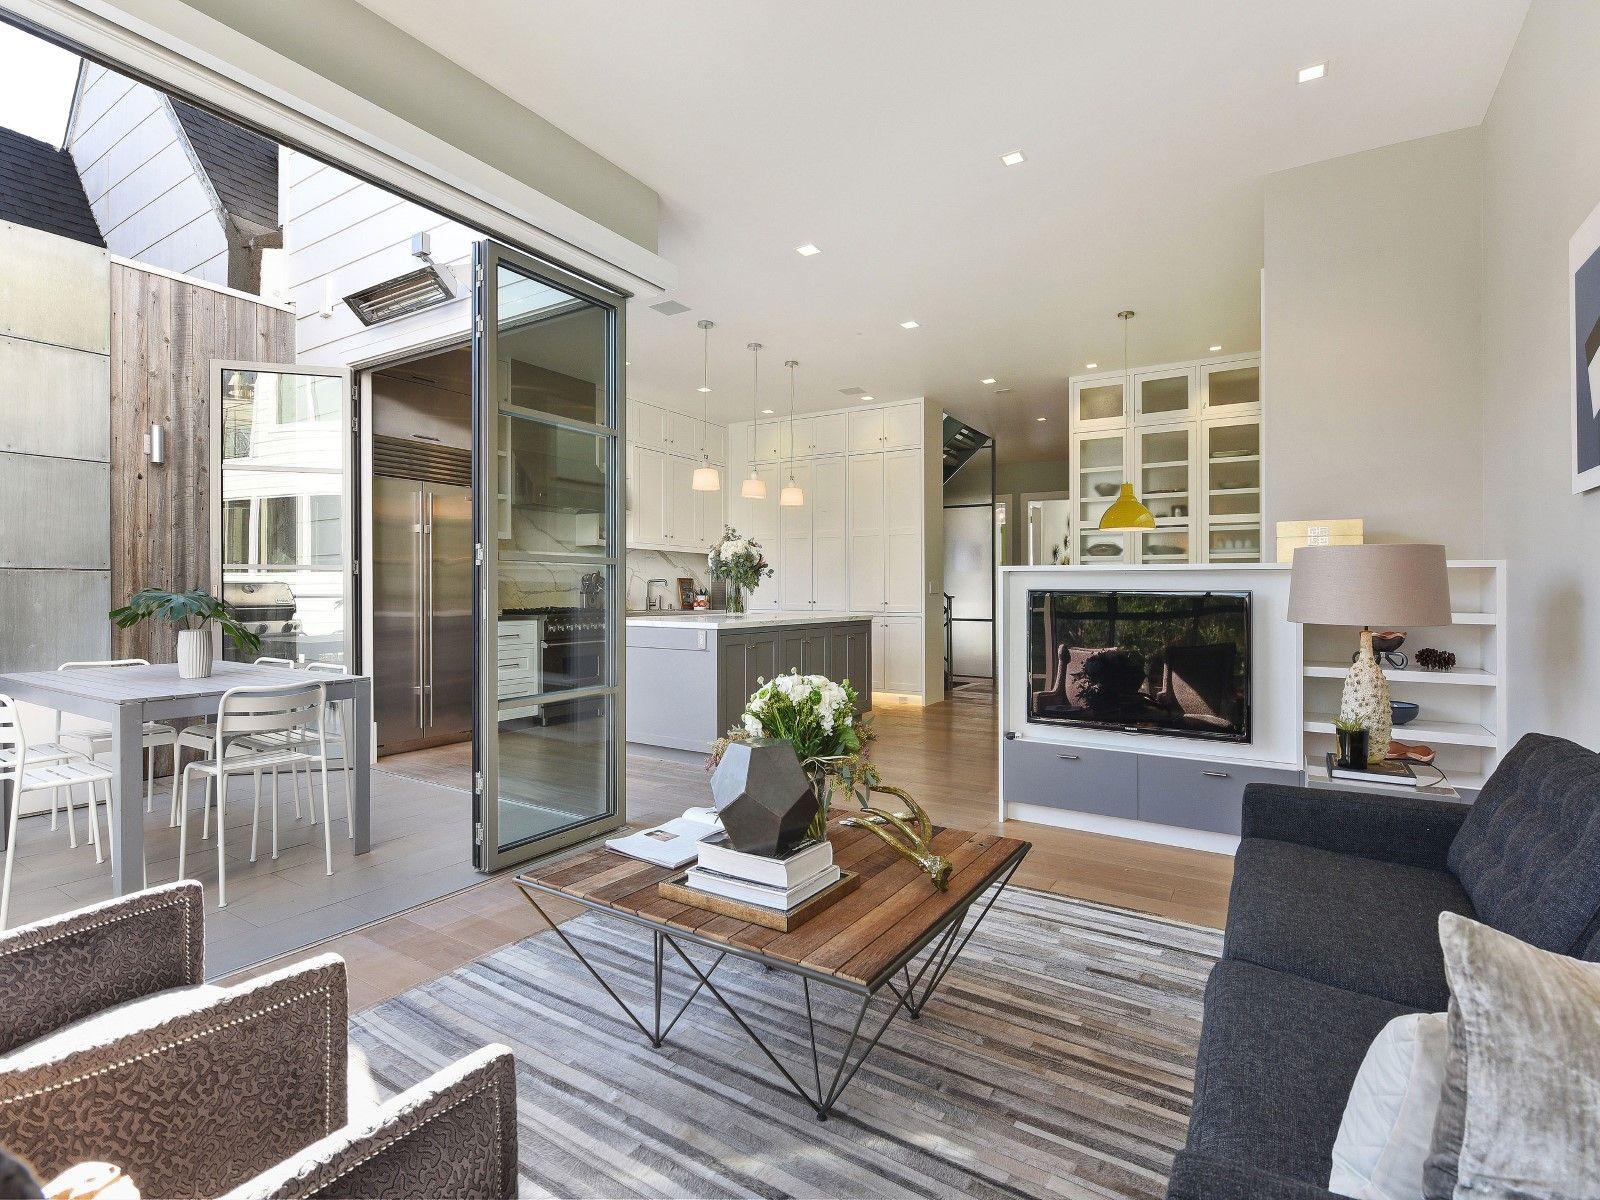 Noe Valley Award Winning Remodel Home, Living room